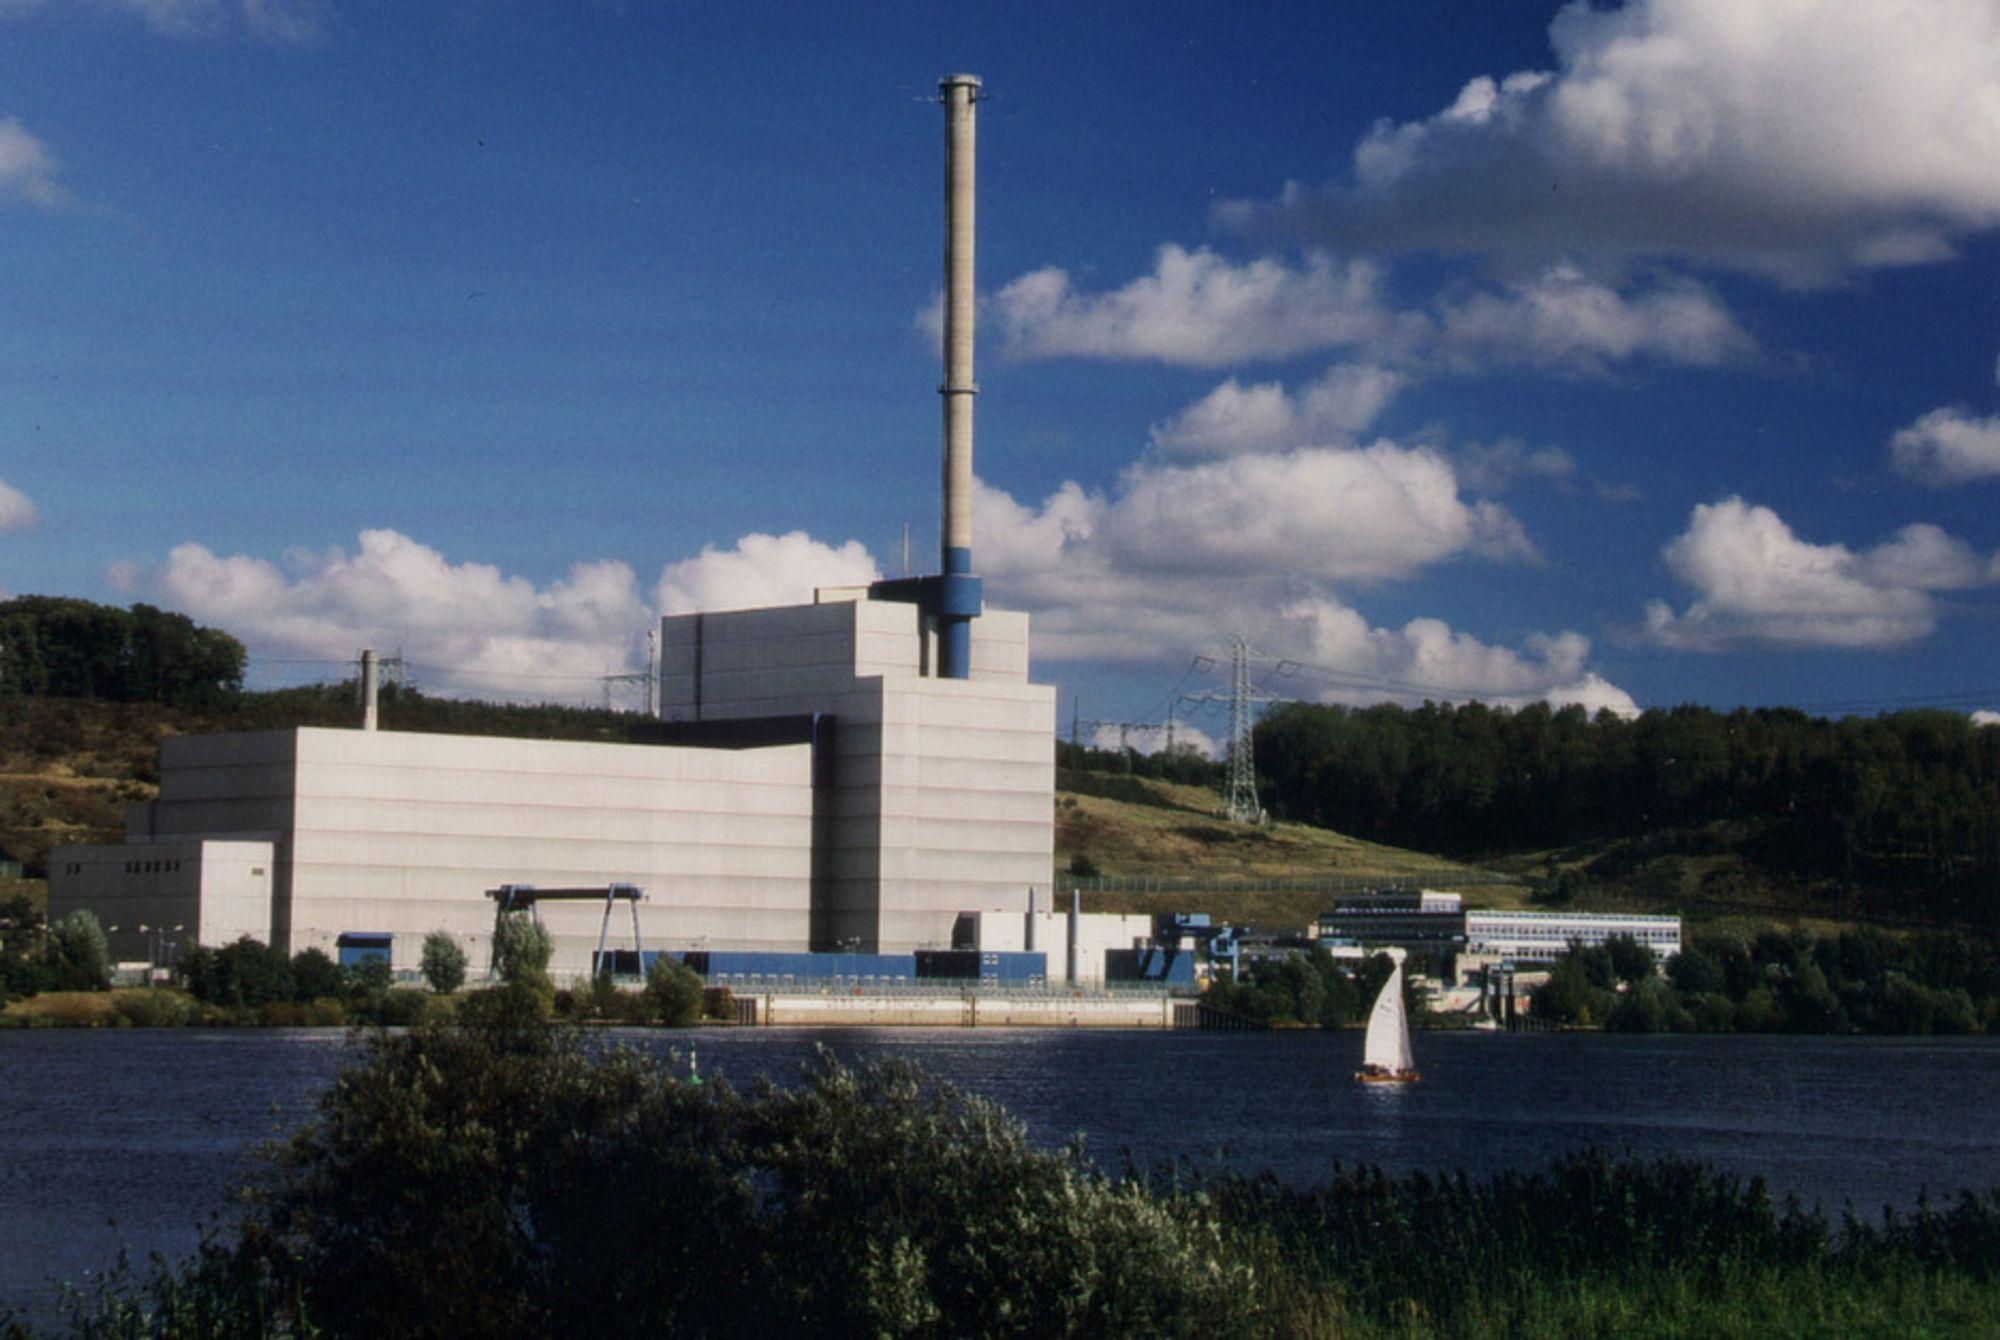 TAPER STORT: Vattenfall har måttet nedskrive verdier i sine atomkraftverk i Tyskland, blant annet Krümmel i Schleswig-Holstein (bildet), etter Tysklands beslutning om å fase ut kjernekraften.